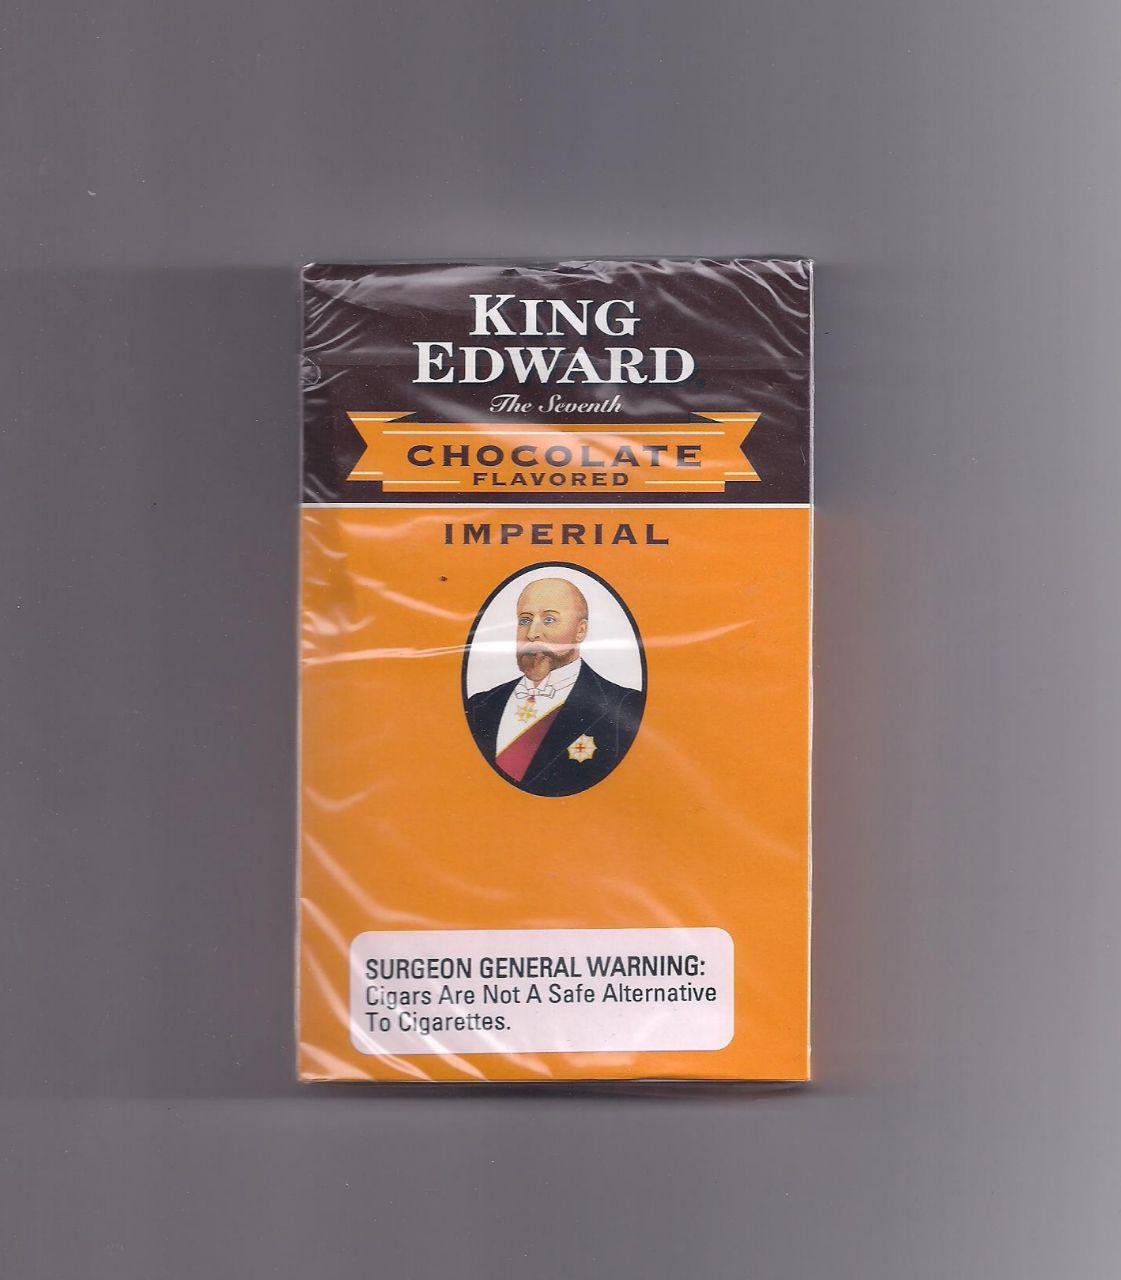 سیگار برگ شکلاتی کینگ ادوارد